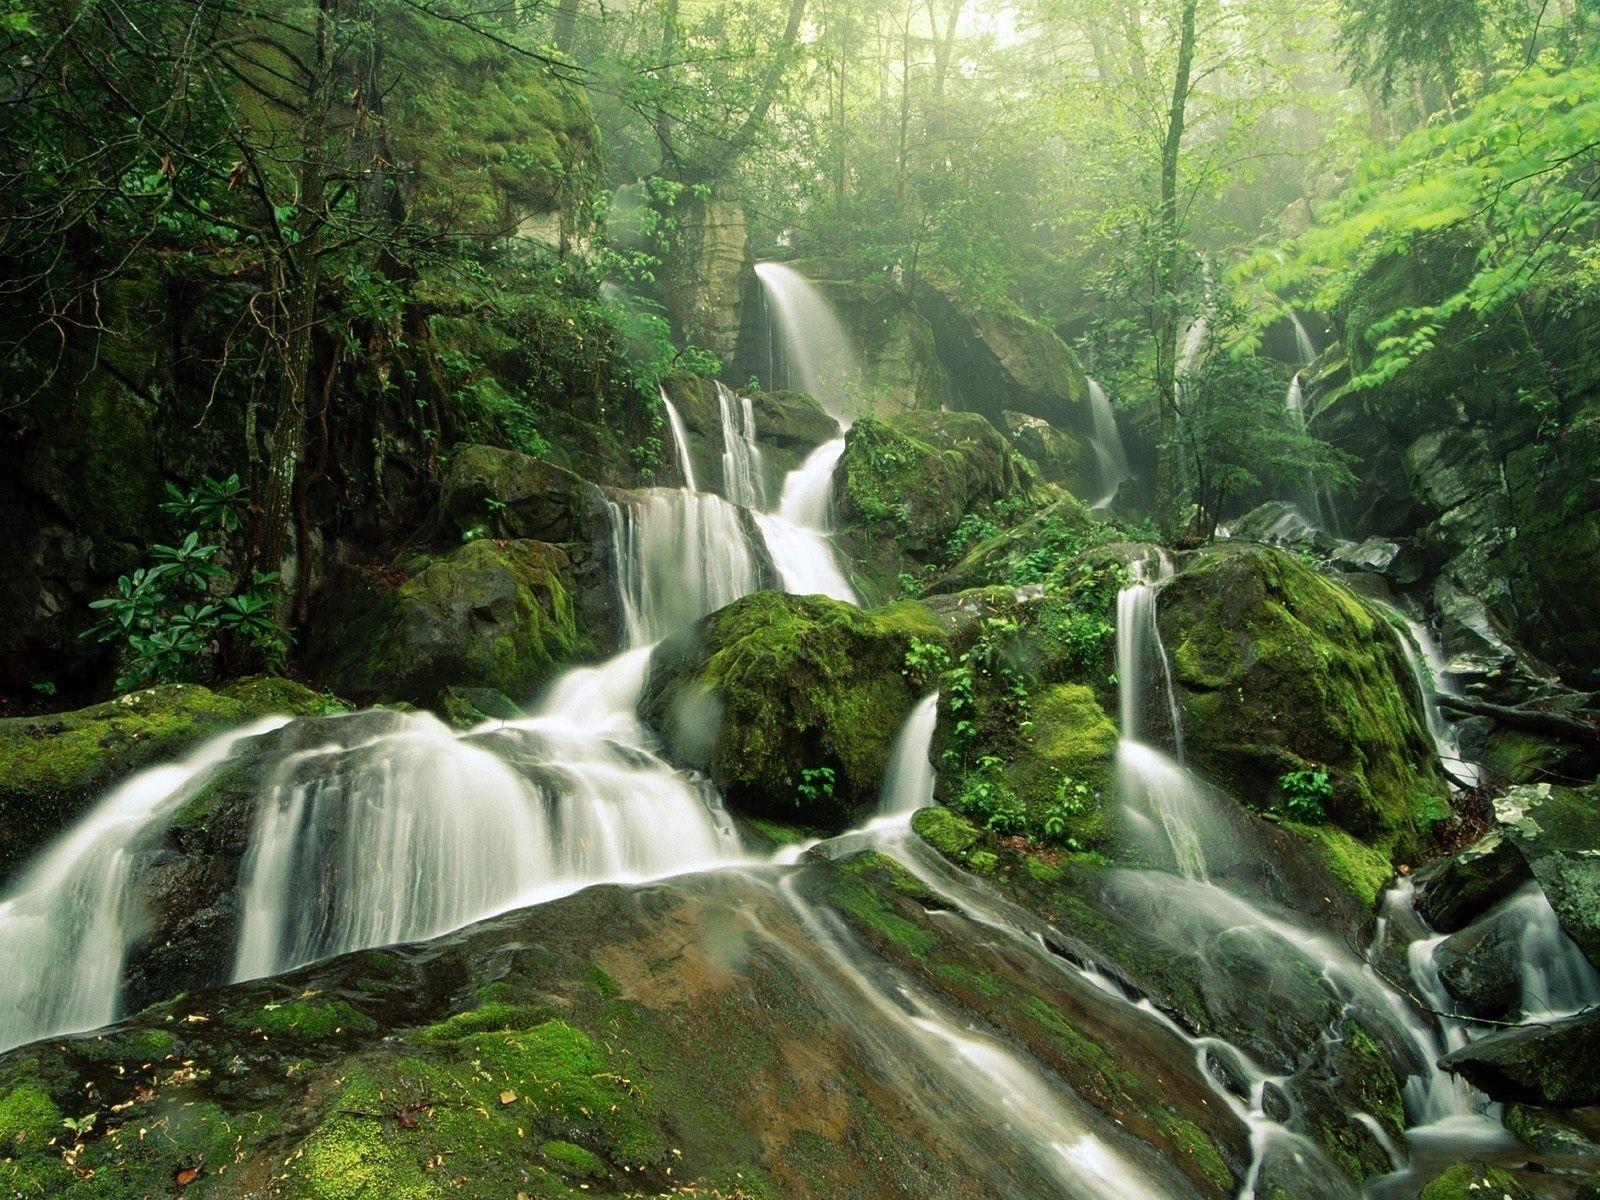 113011 économiseurs d'écran et fonds d'écran Cascades sur votre téléphone. Téléchargez Nature, Noyaux, Cascades, Cascade, Couler, Mousse, Ruisseau images gratuitement